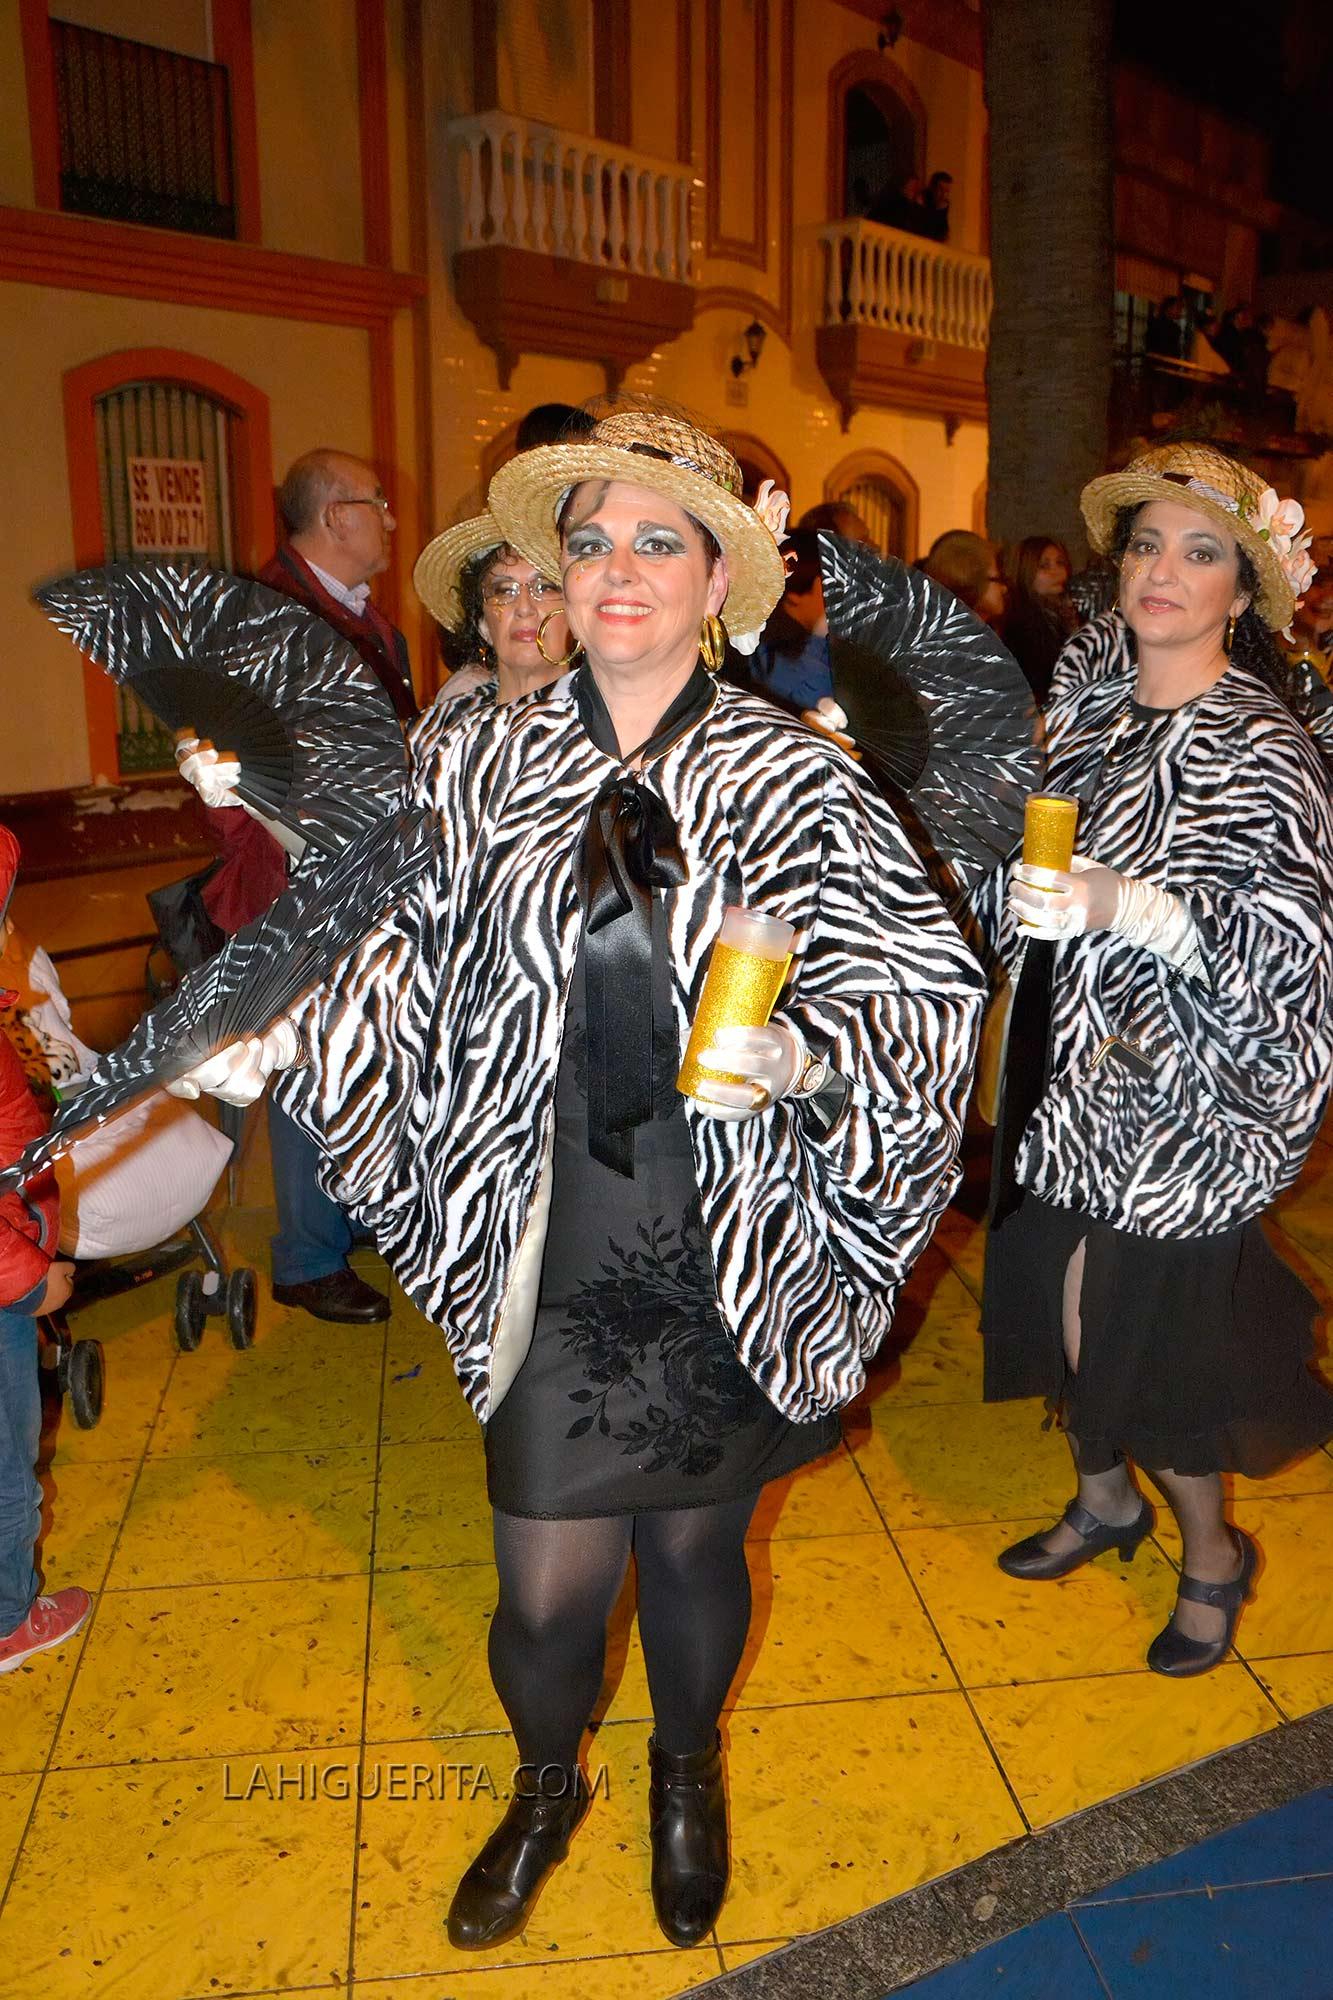 Entierro de la sardina carnaval isla cristina _DSC2213